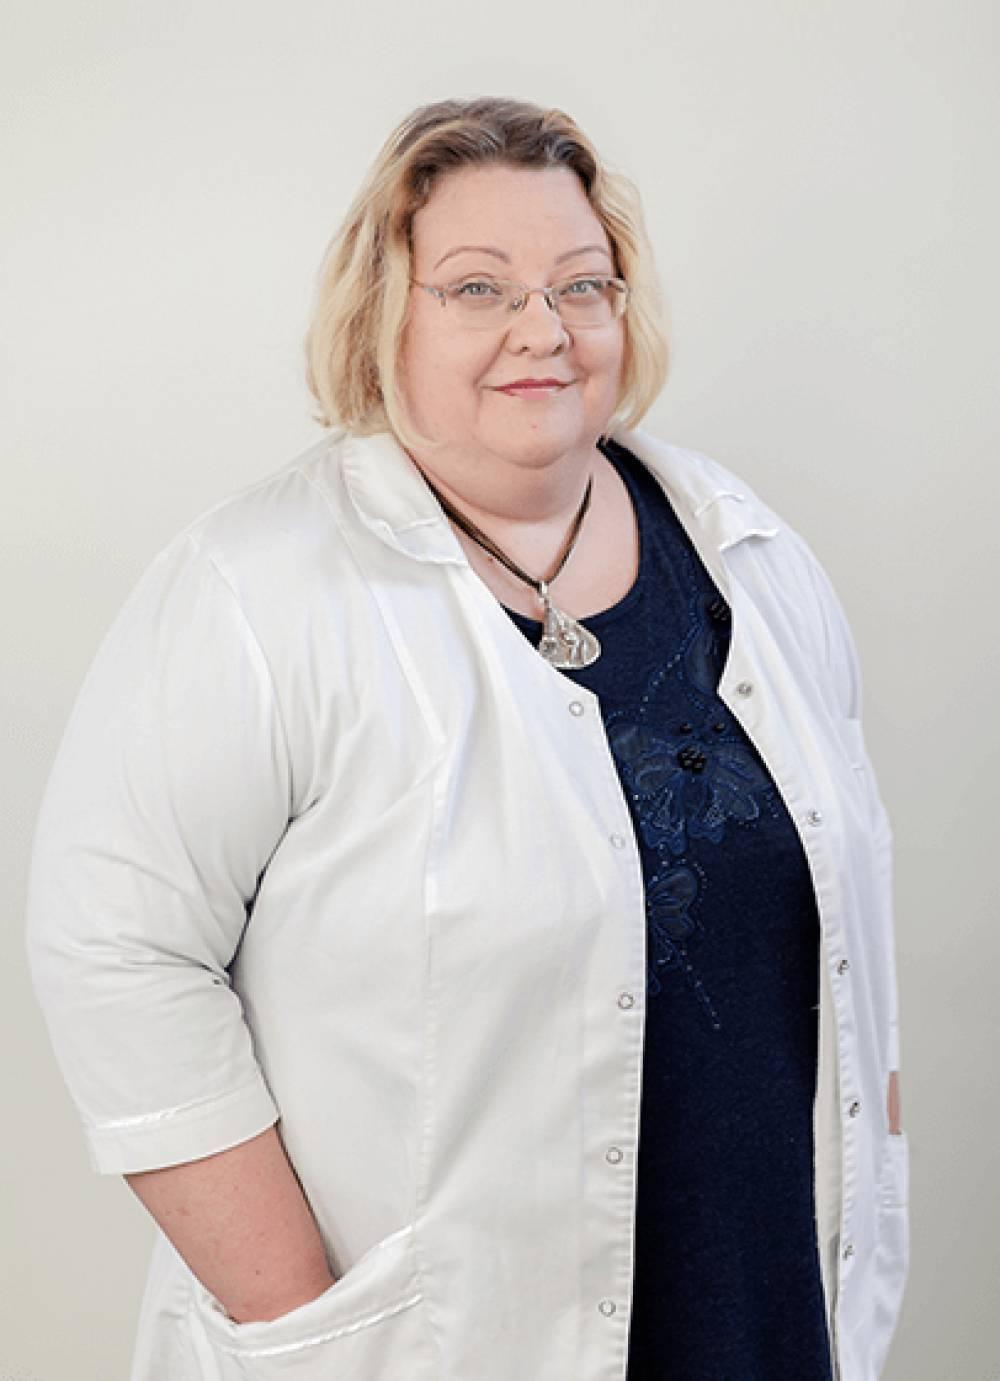 Diana Petrauskienė - Gyd. akušerė - ginekologė